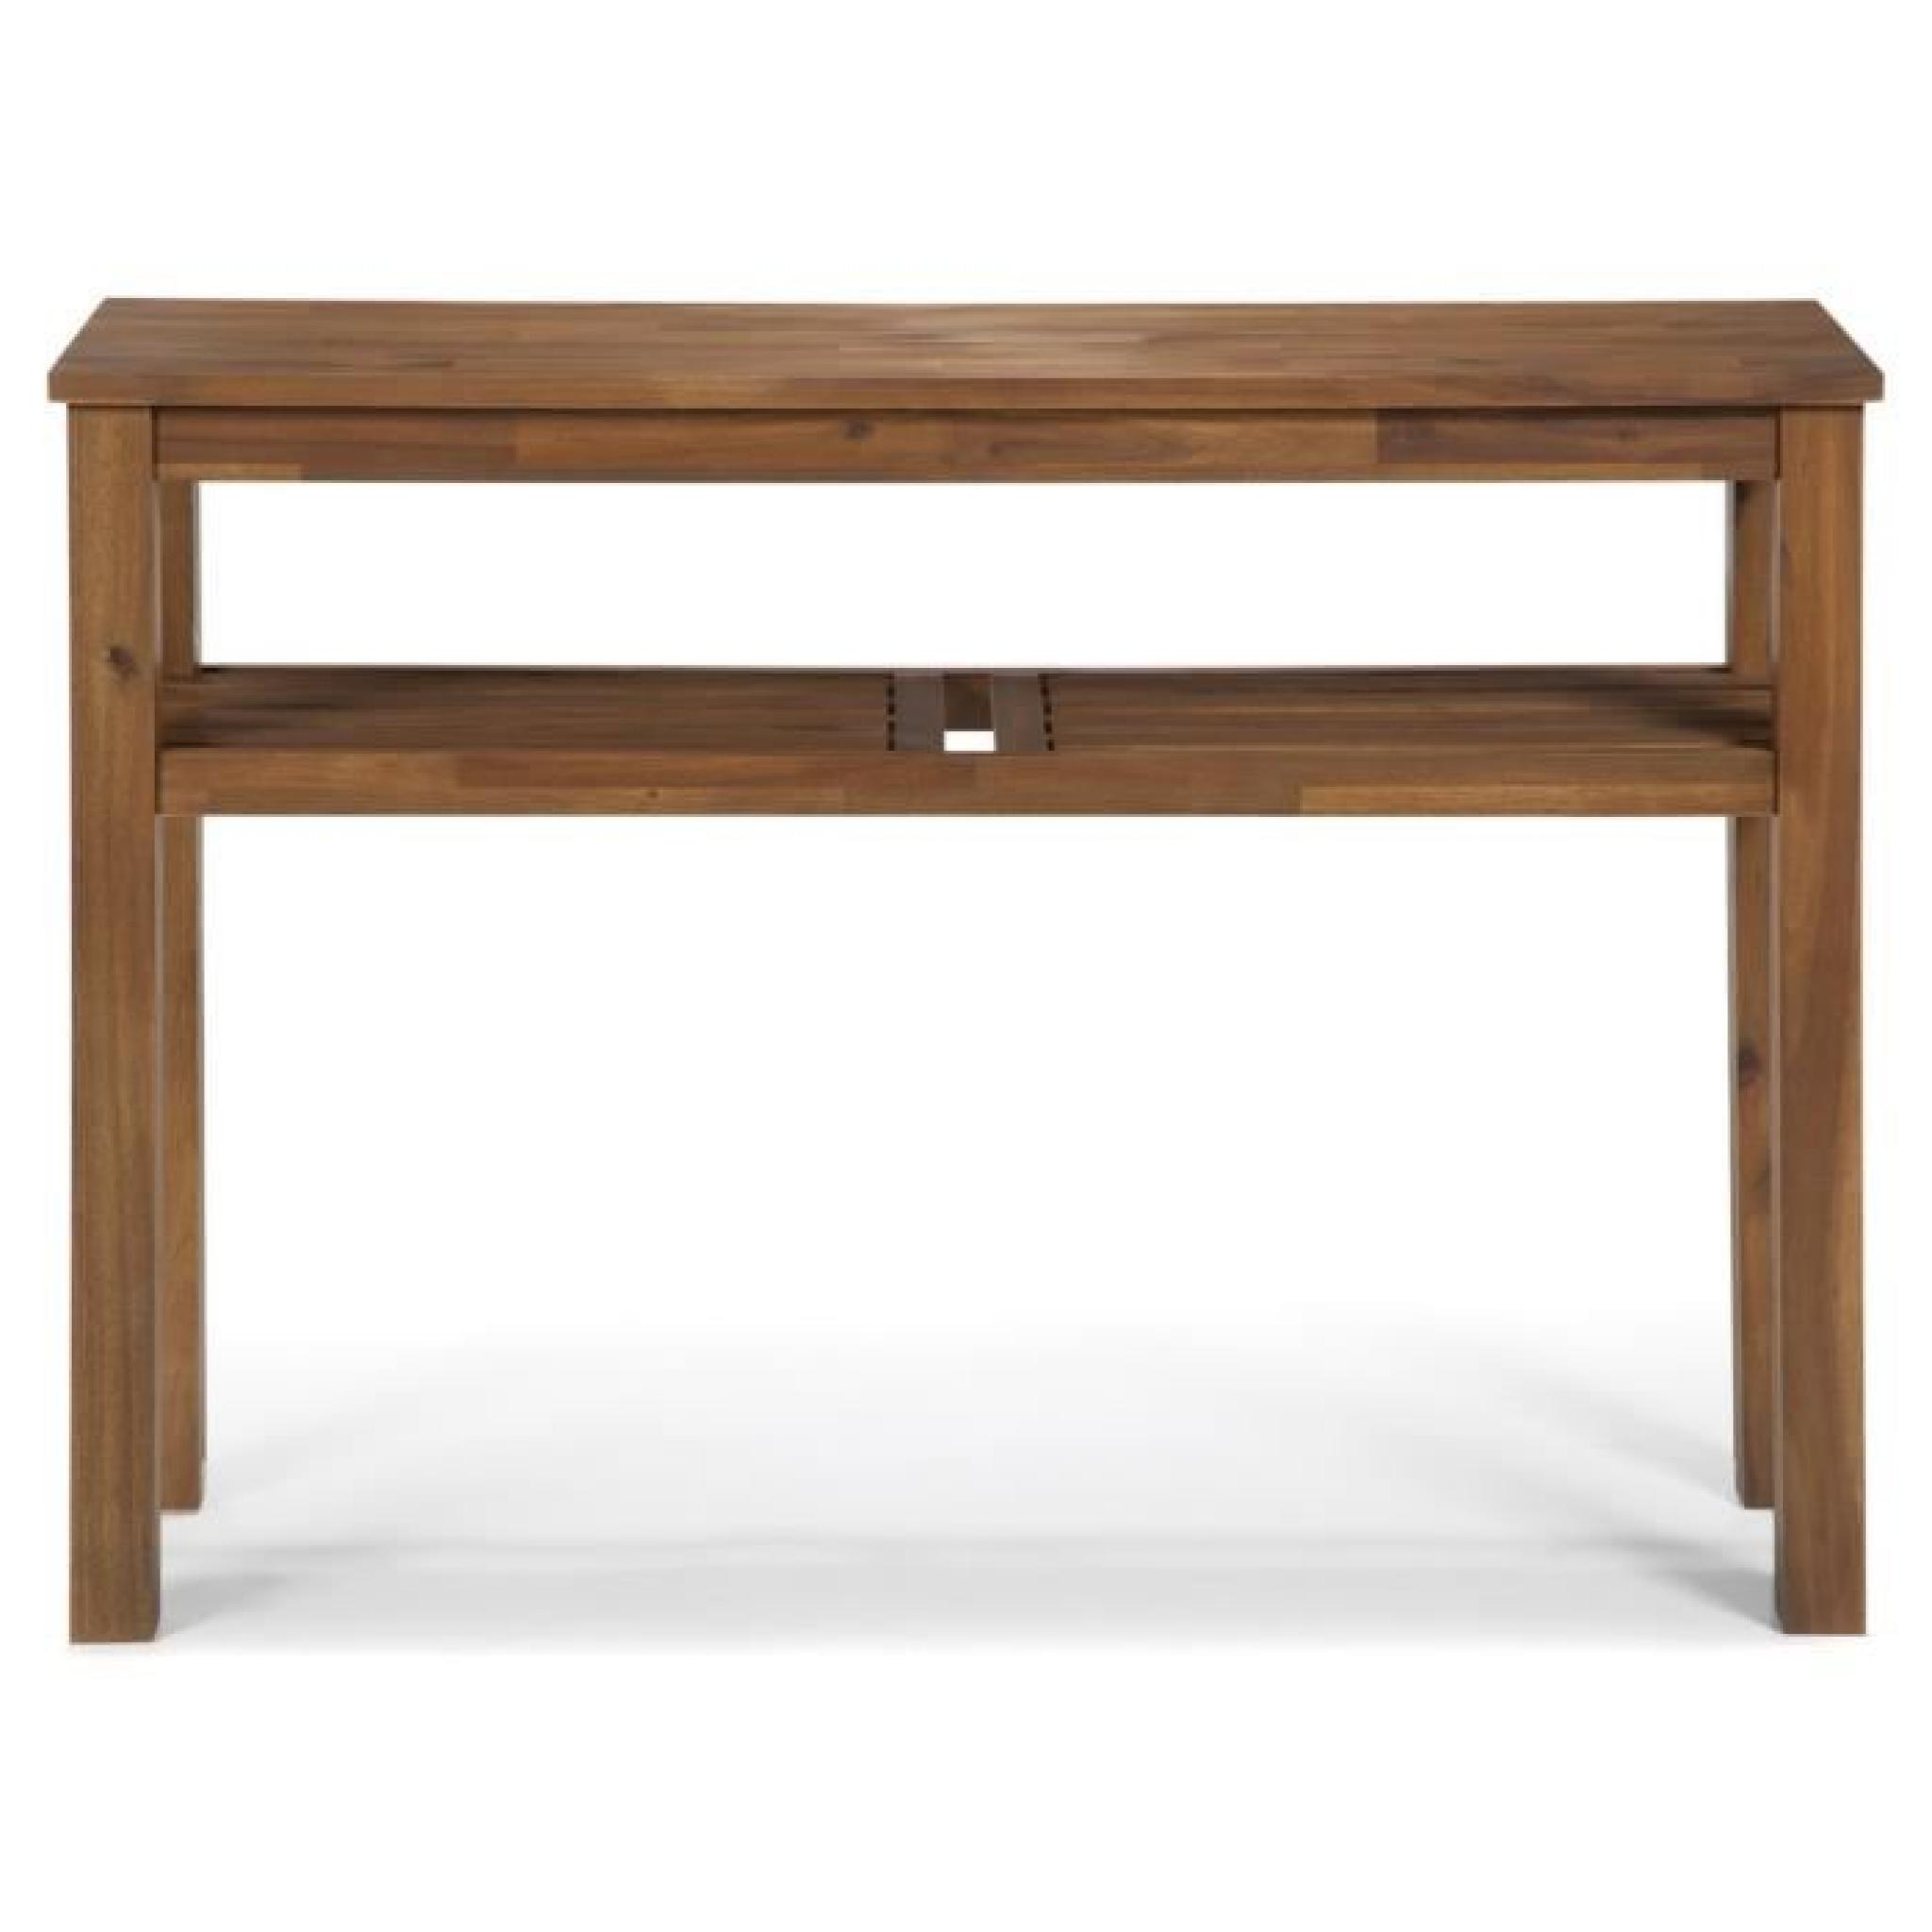 console meuble pas cher deco chambre fille violet console. Black Bedroom Furniture Sets. Home Design Ideas